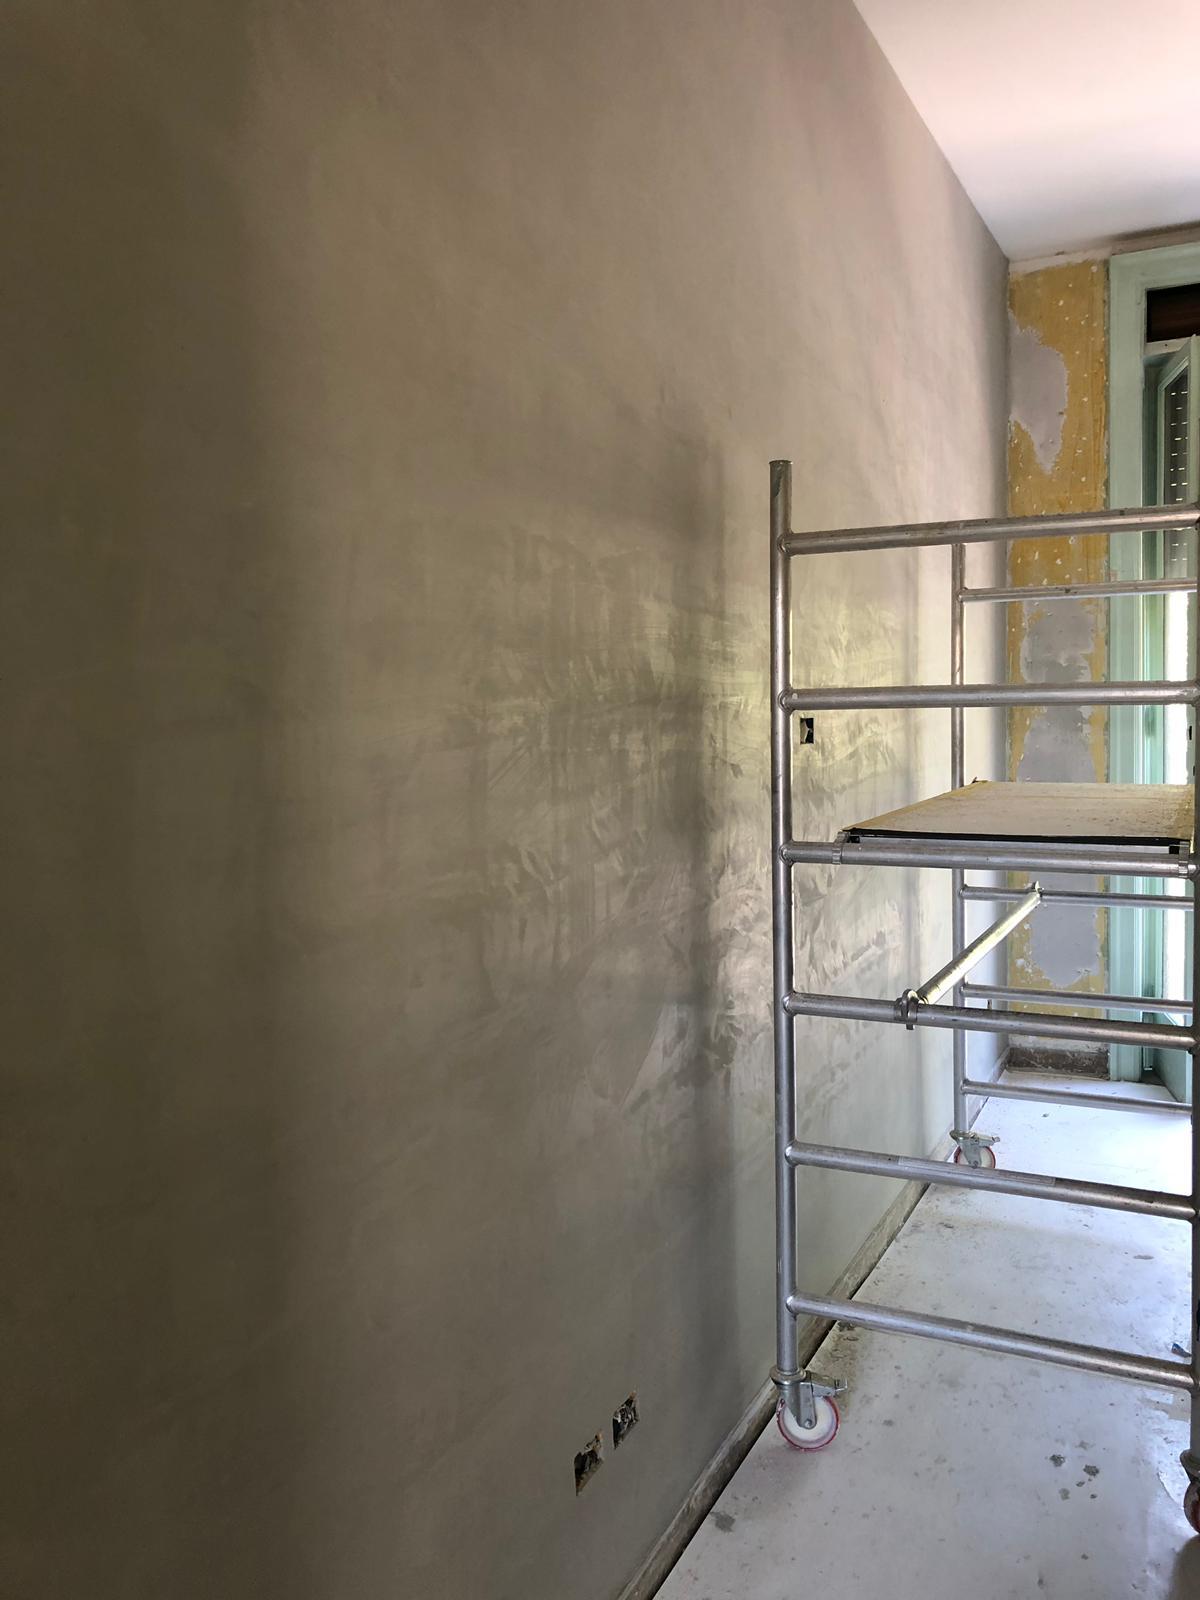 6. Lavori di finitura a parete mediante utilizzo di trabattello: lavori in corso.